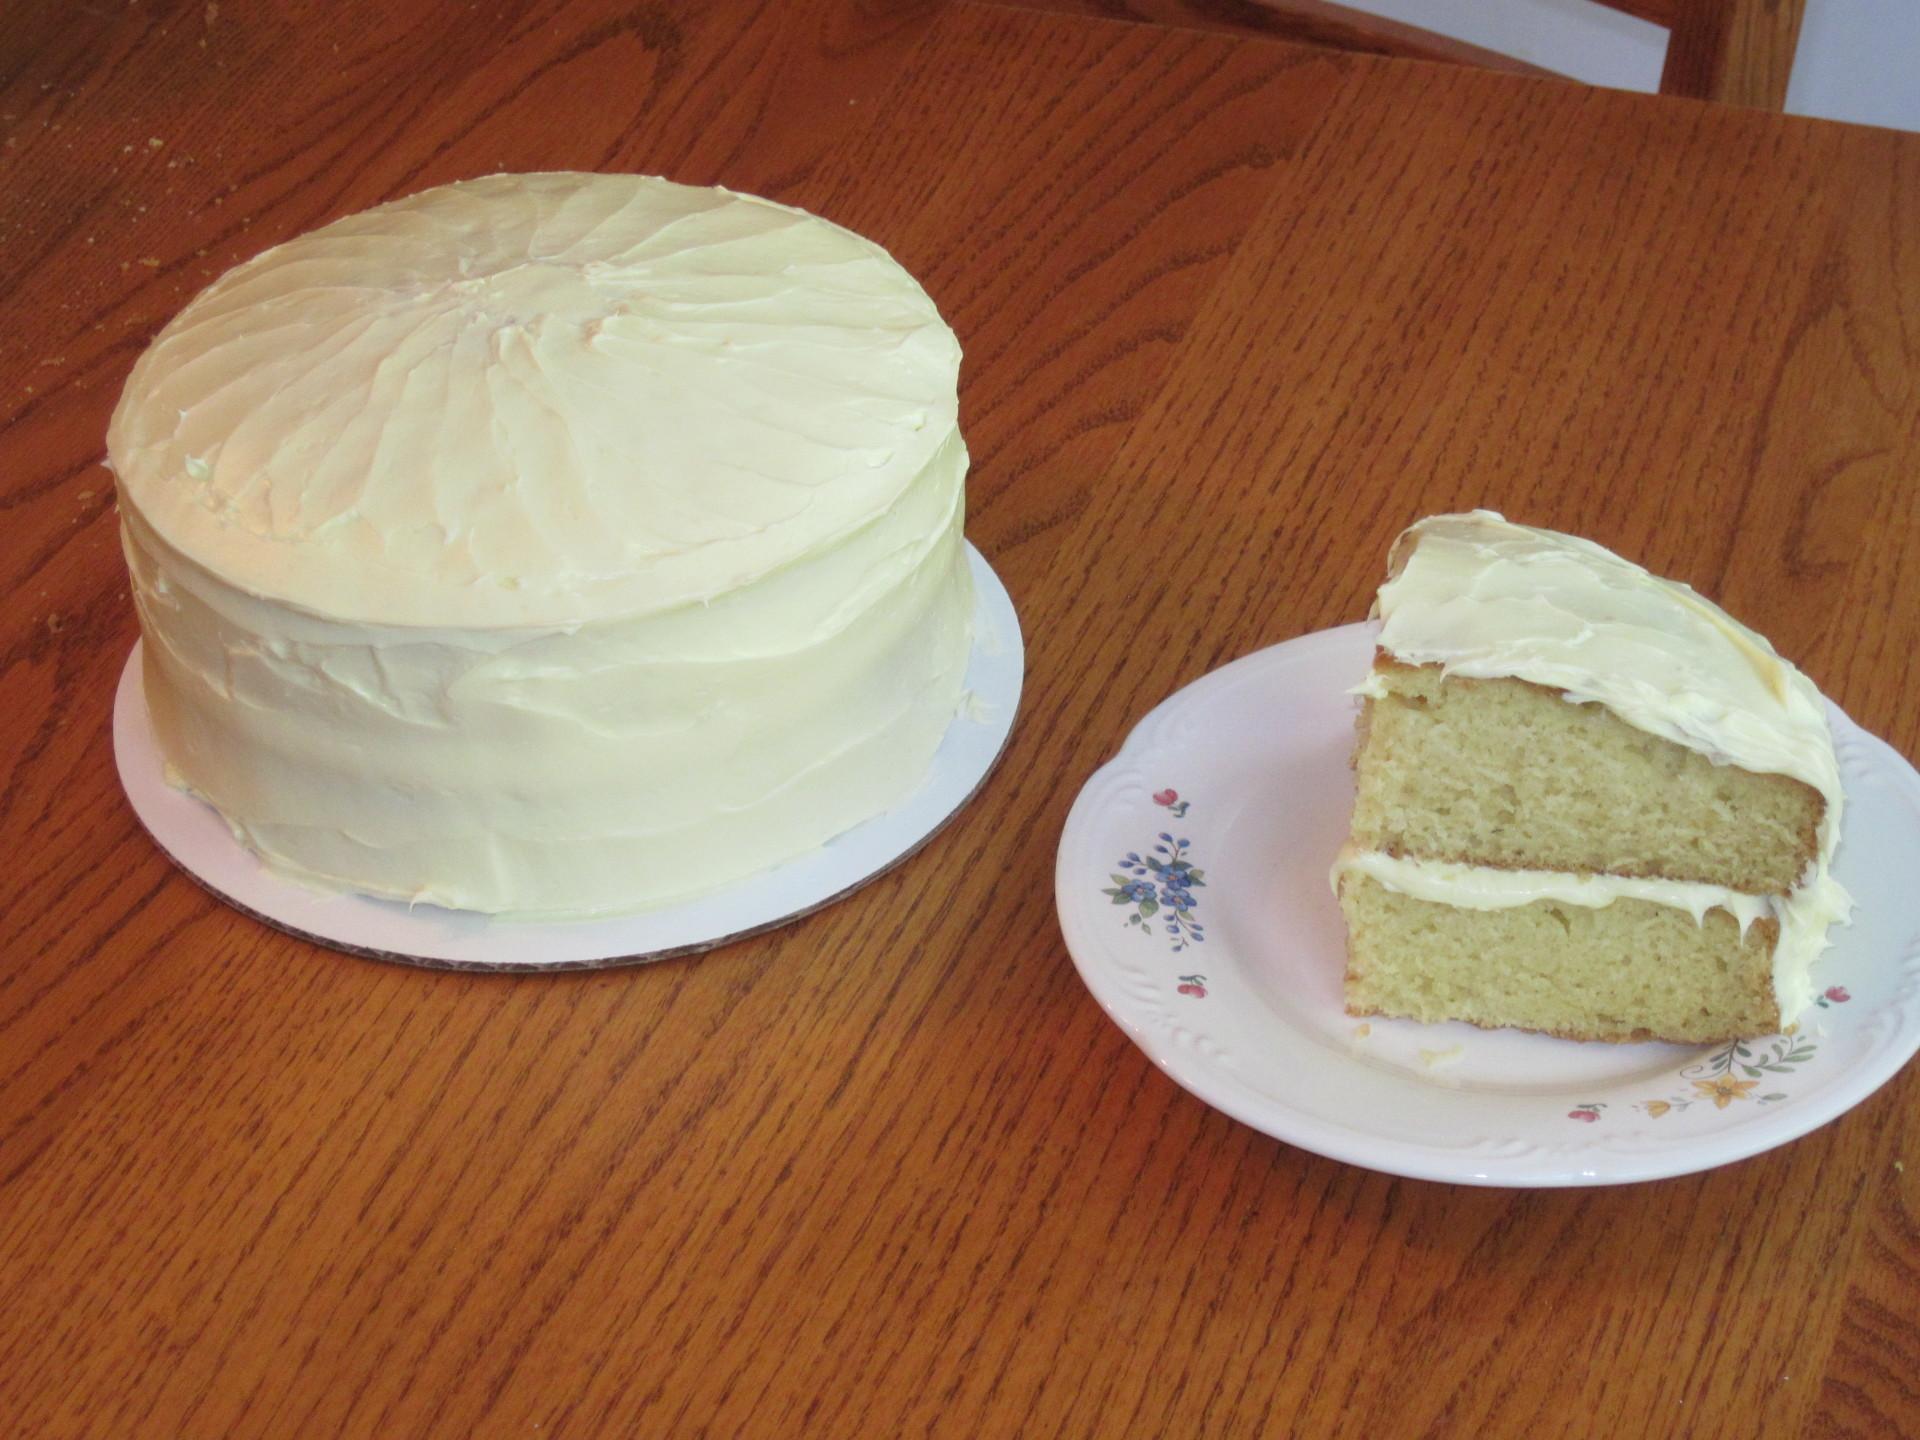 LEMON CAKE/FROSTING